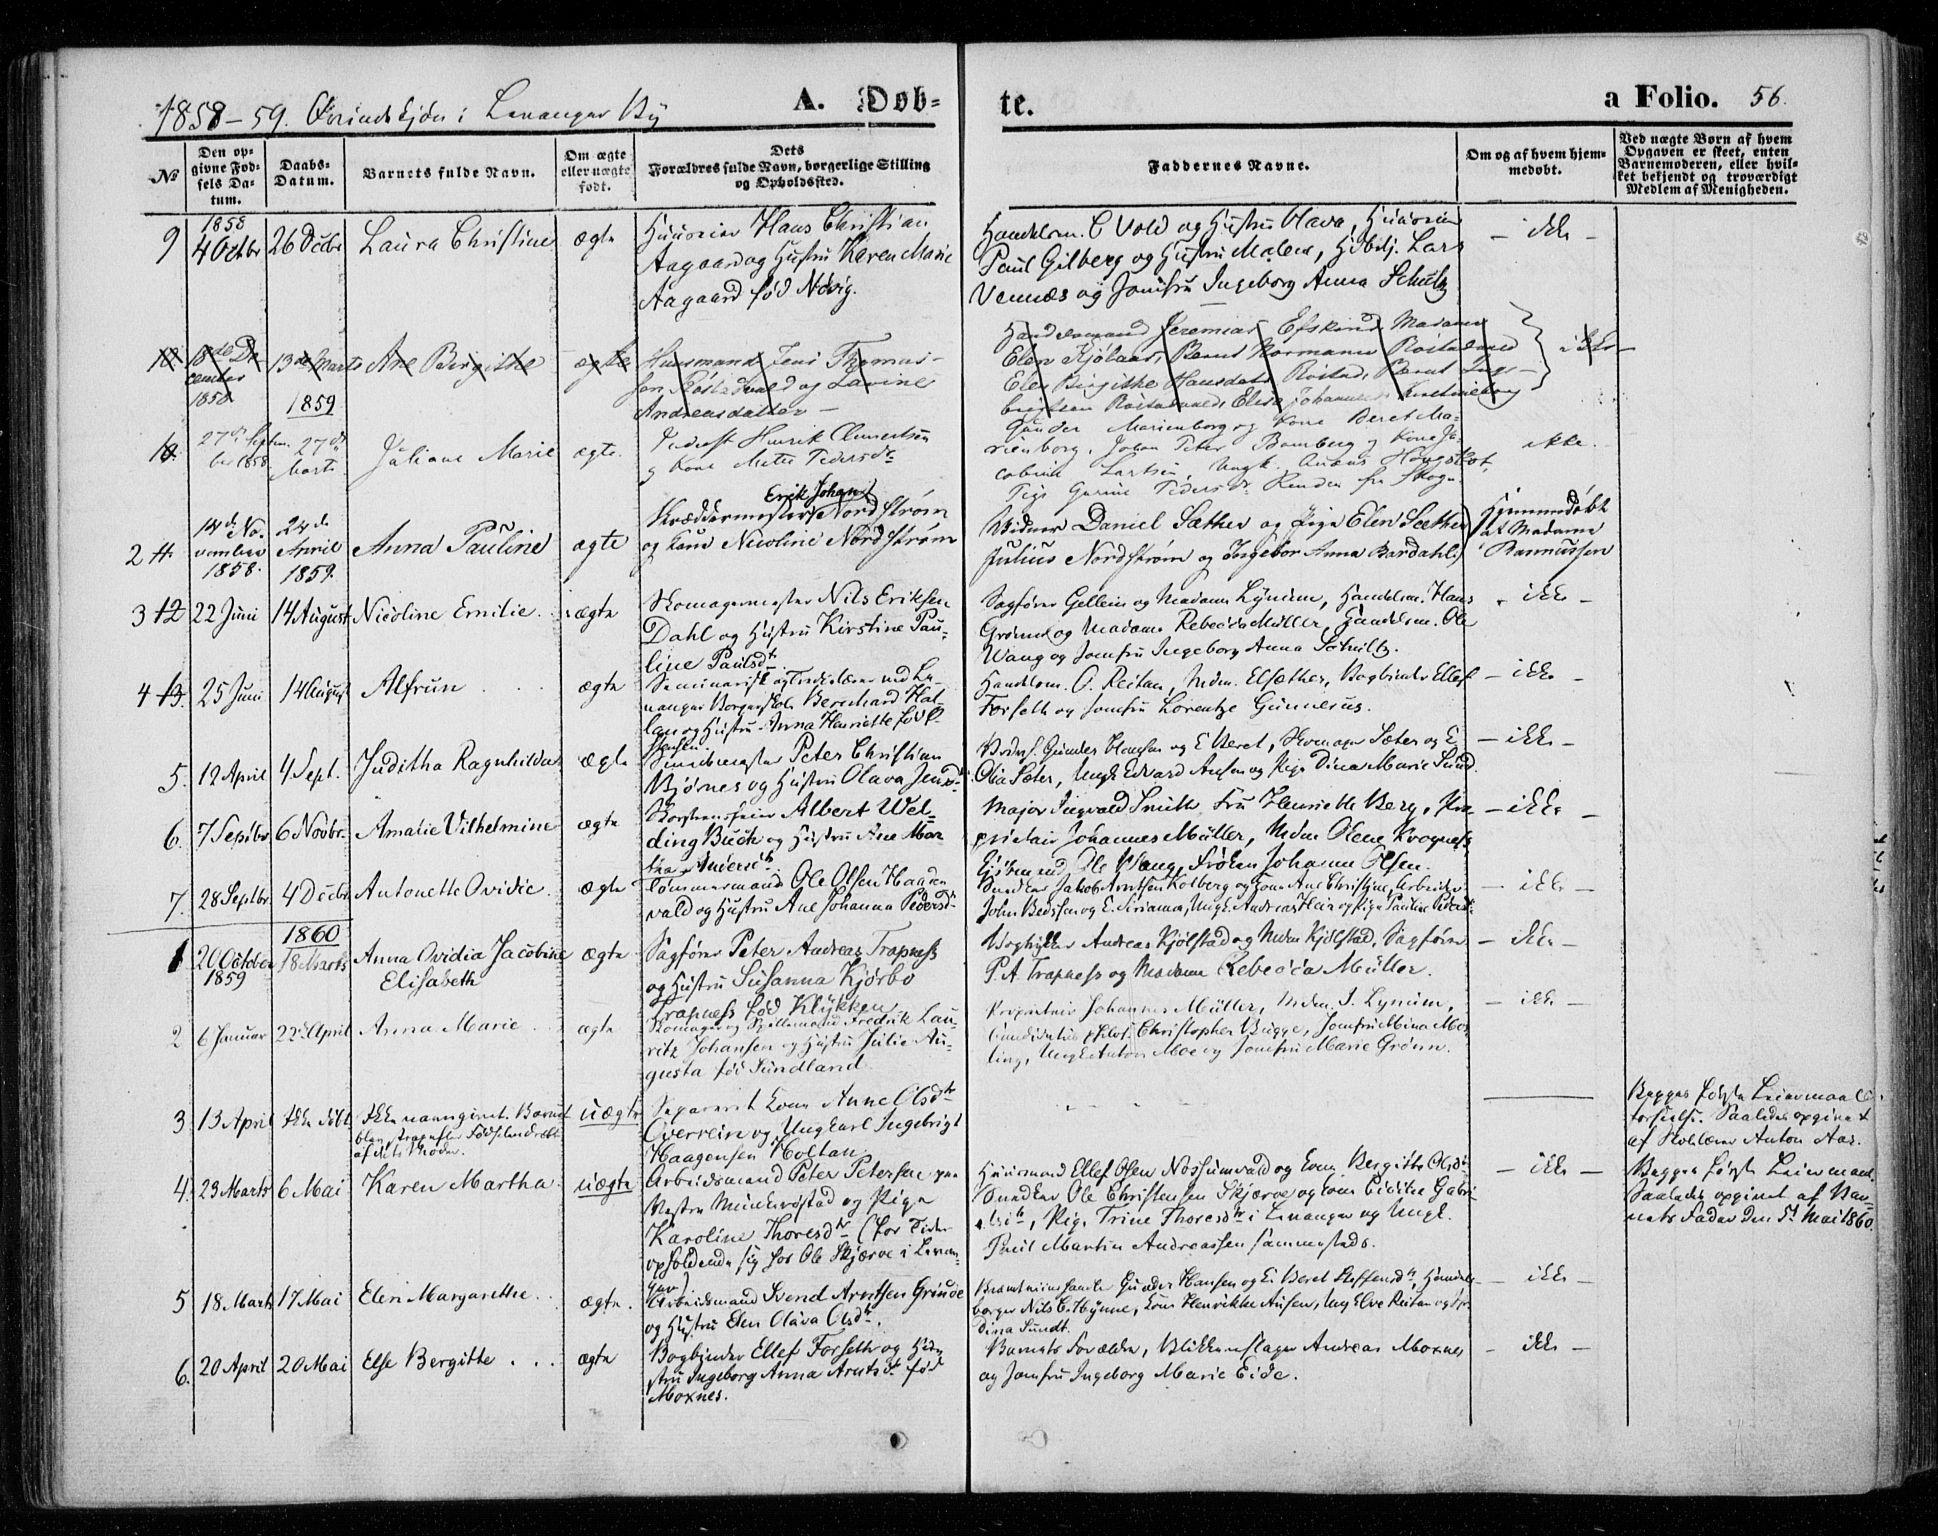 SAT, Ministerialprotokoller, klokkerbøker og fødselsregistre - Nord-Trøndelag, 720/L0184: Ministerialbok nr. 720A02 /1, 1855-1863, s. 56